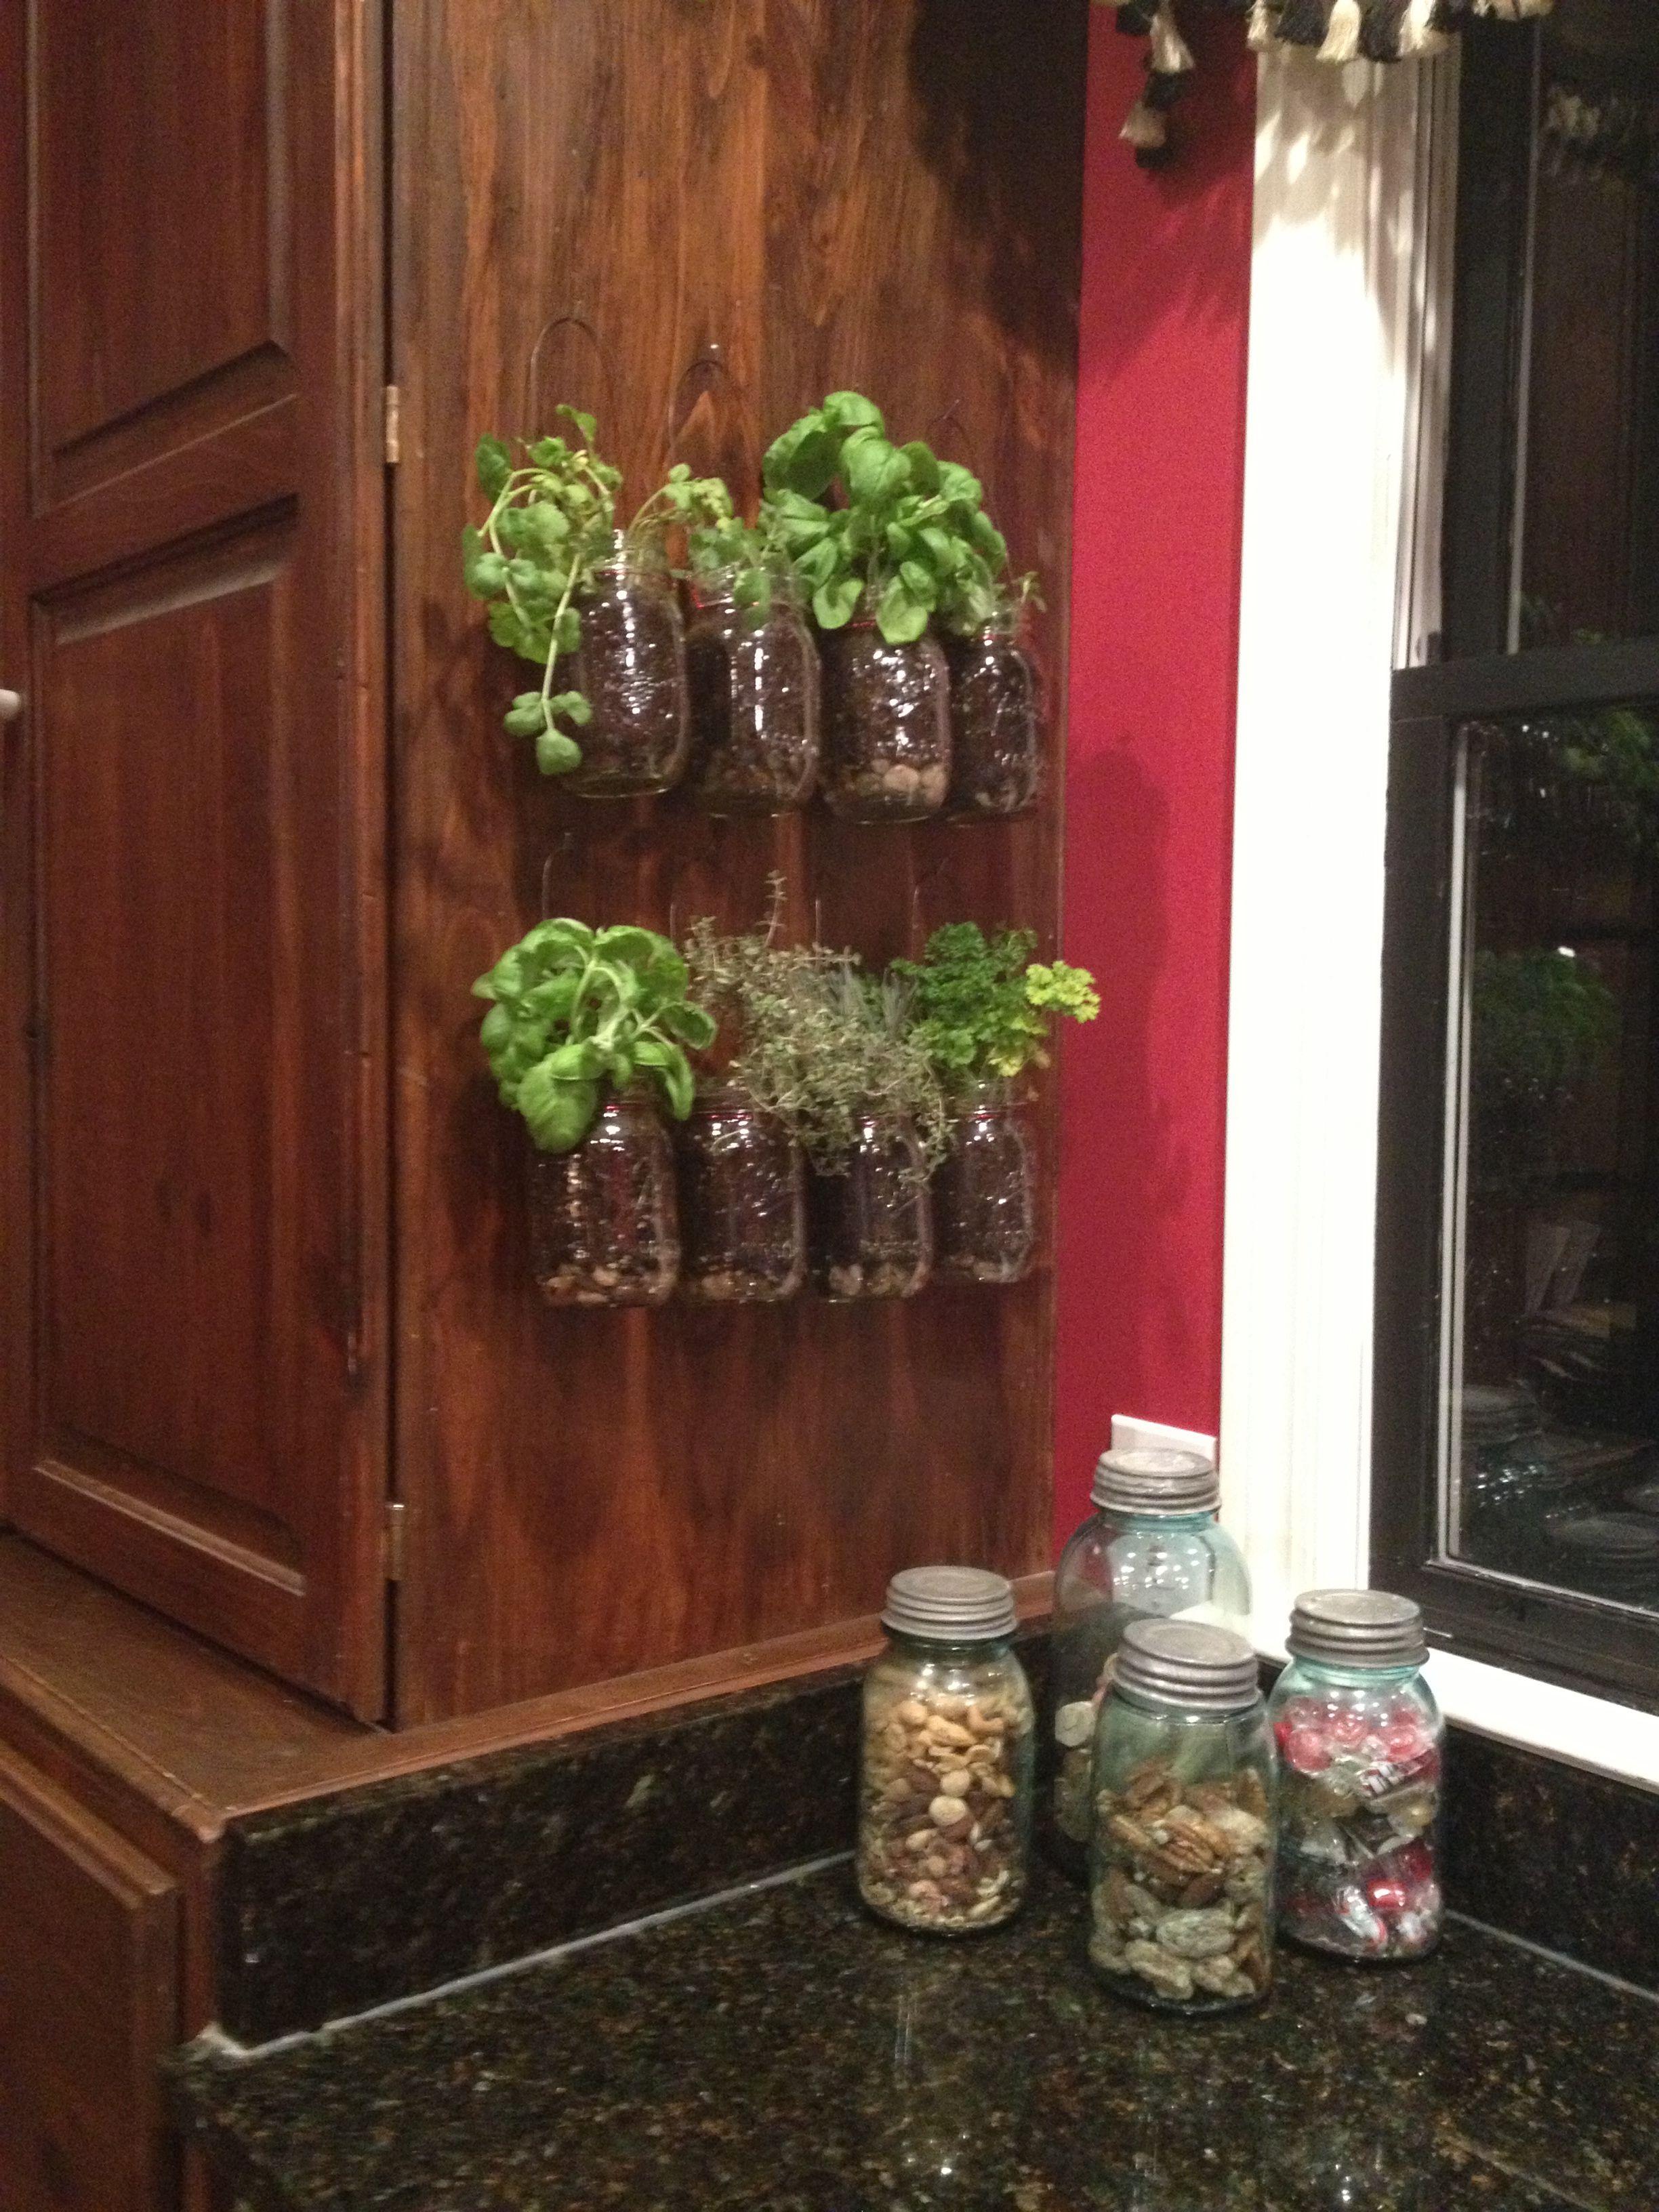 Kitchen herb garden | Garden Stuff | Pinterest